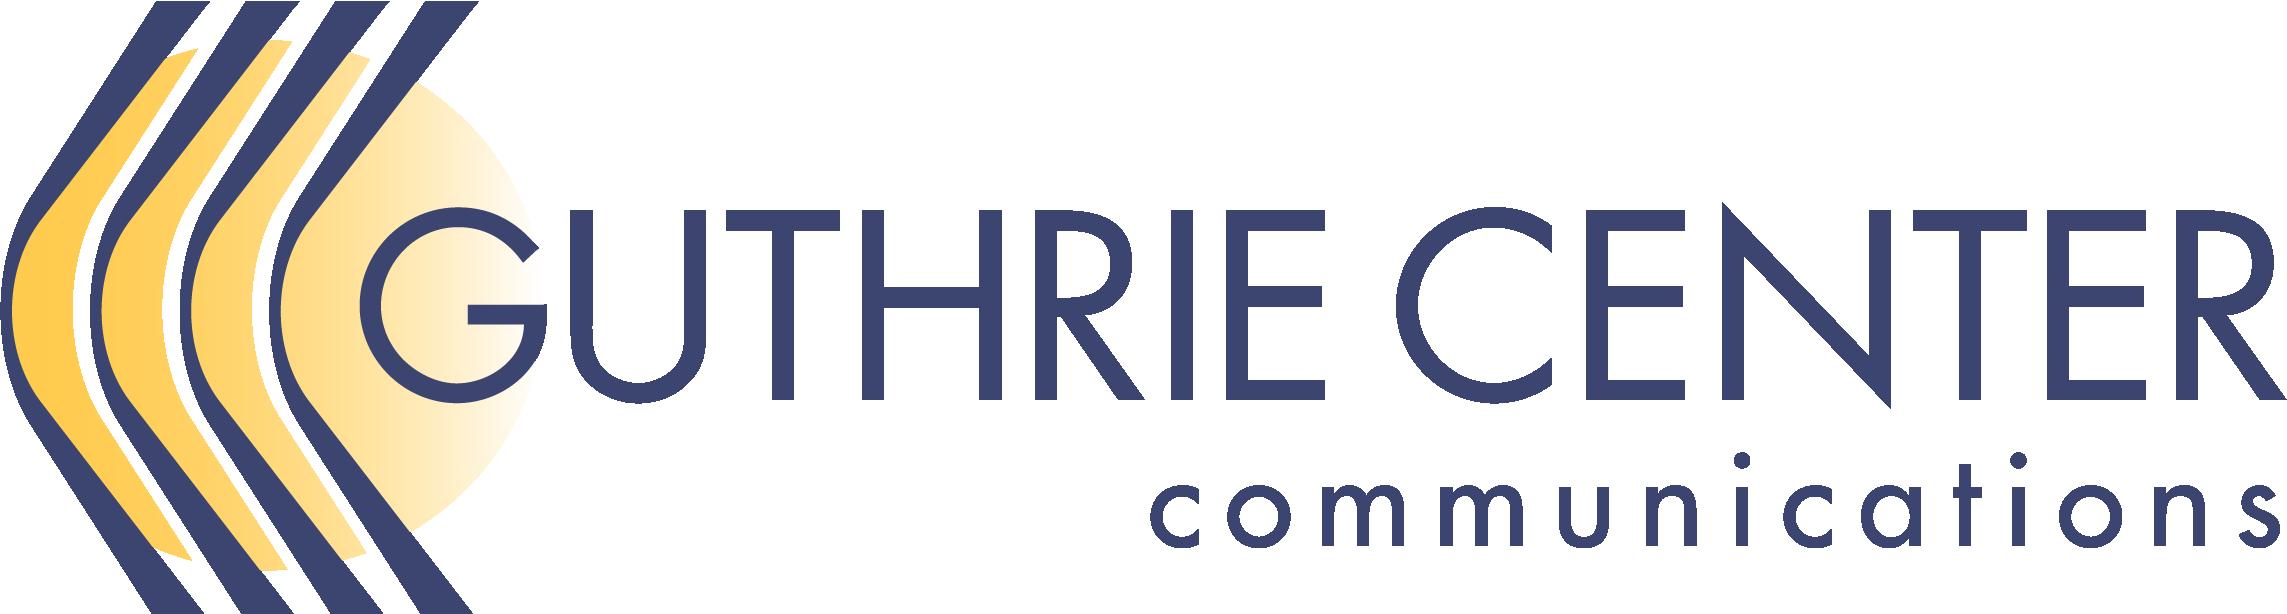 Guthrie Center Communications